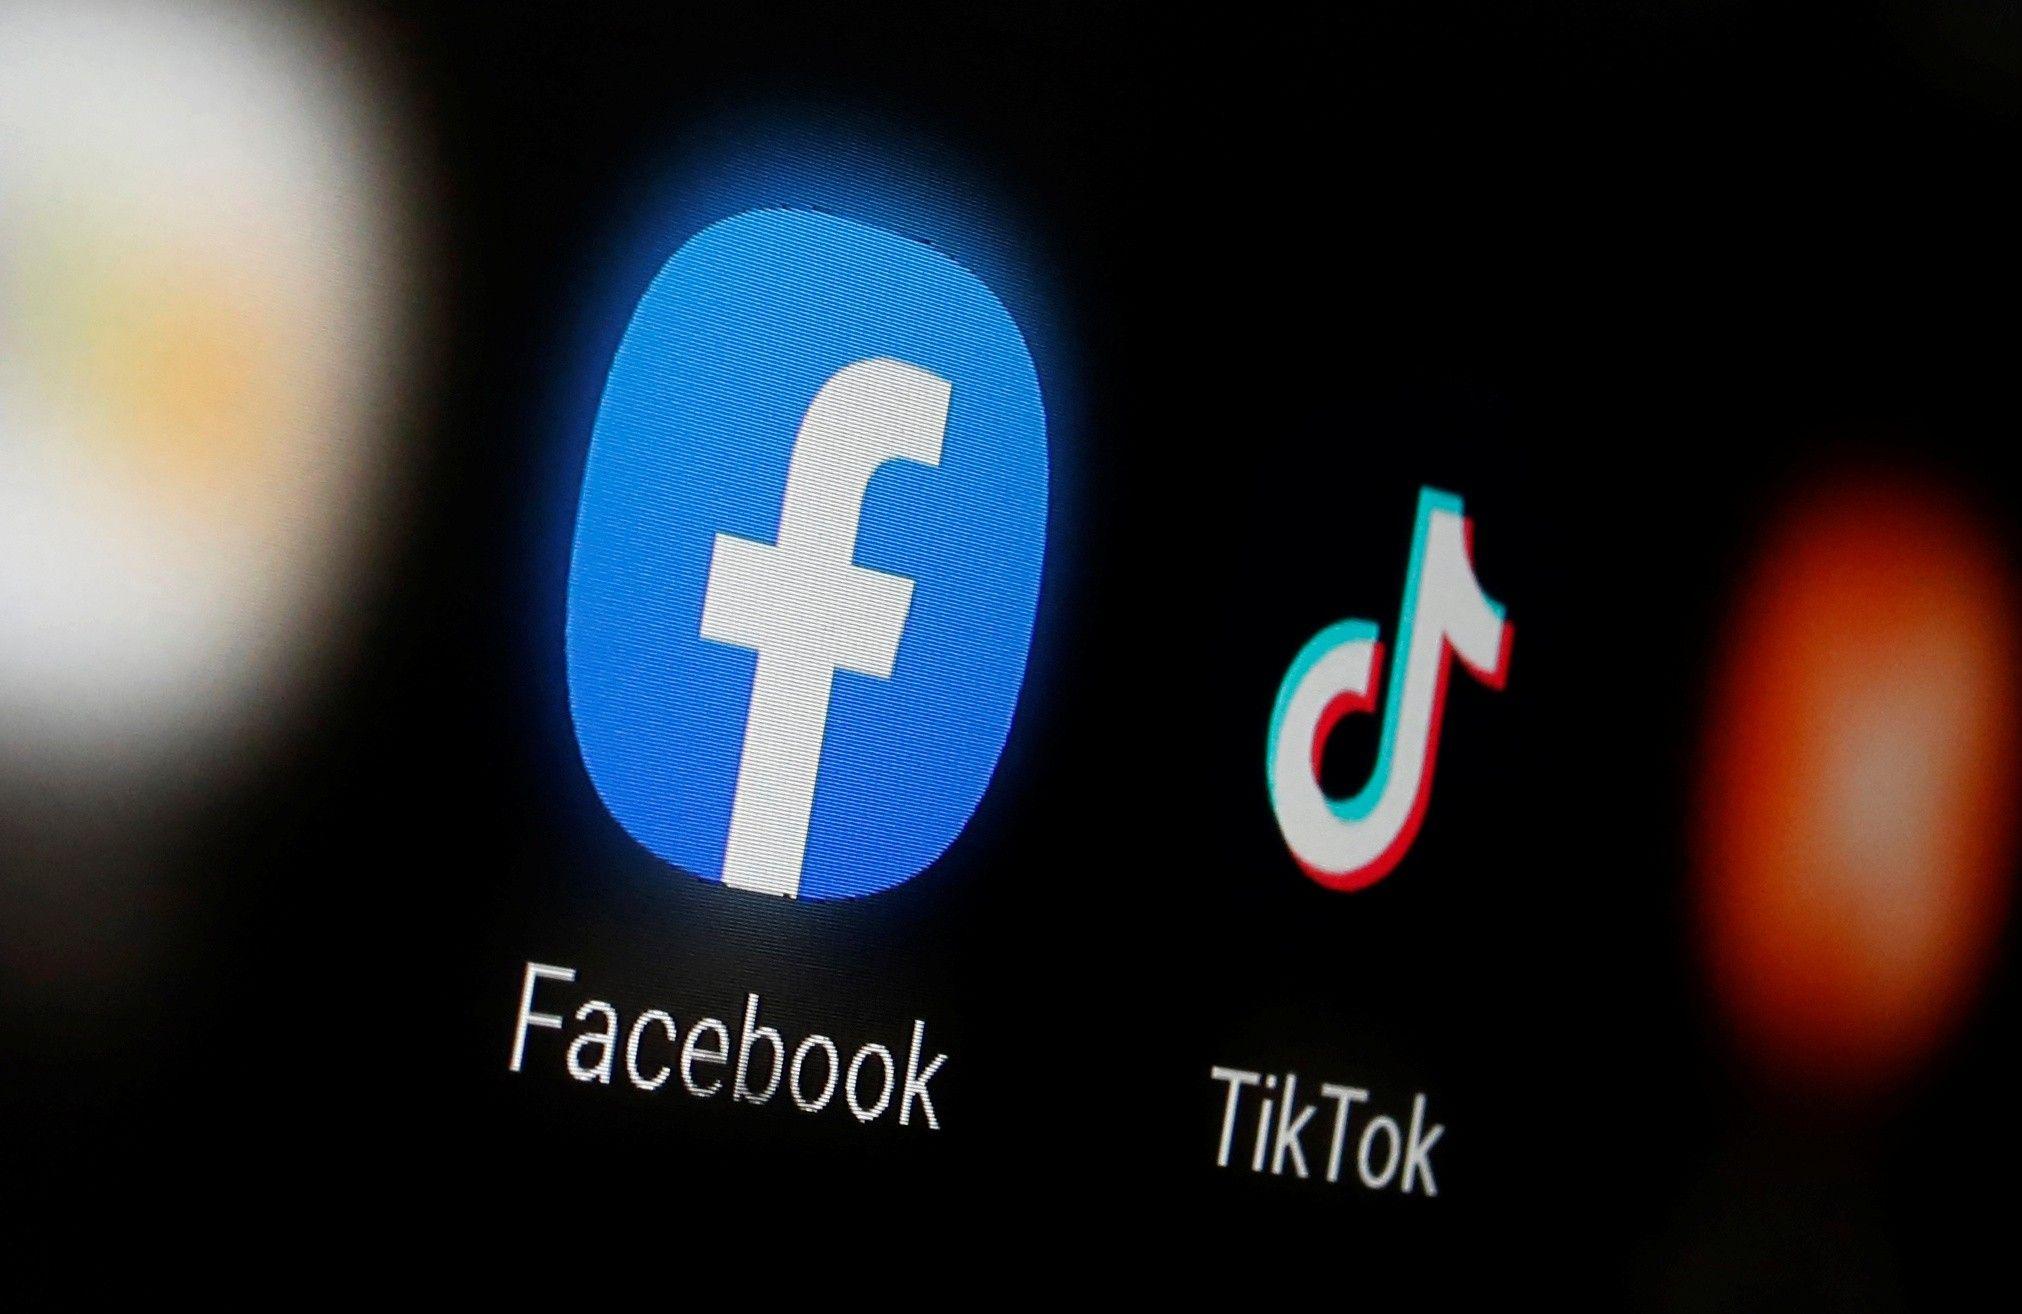 TikTok cae a los pies de Facebook